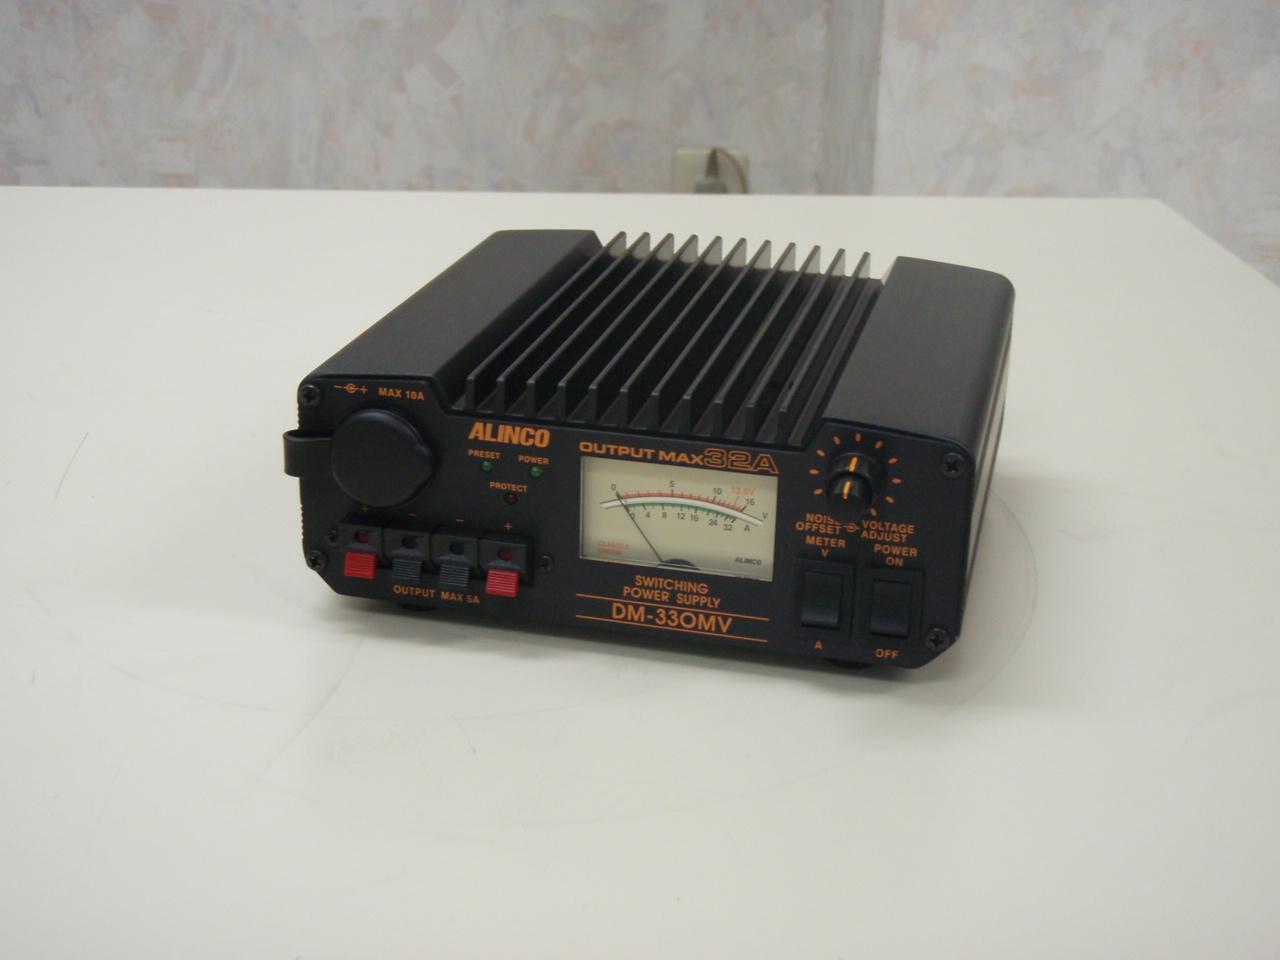 安定化電源アルインコDM-330MV